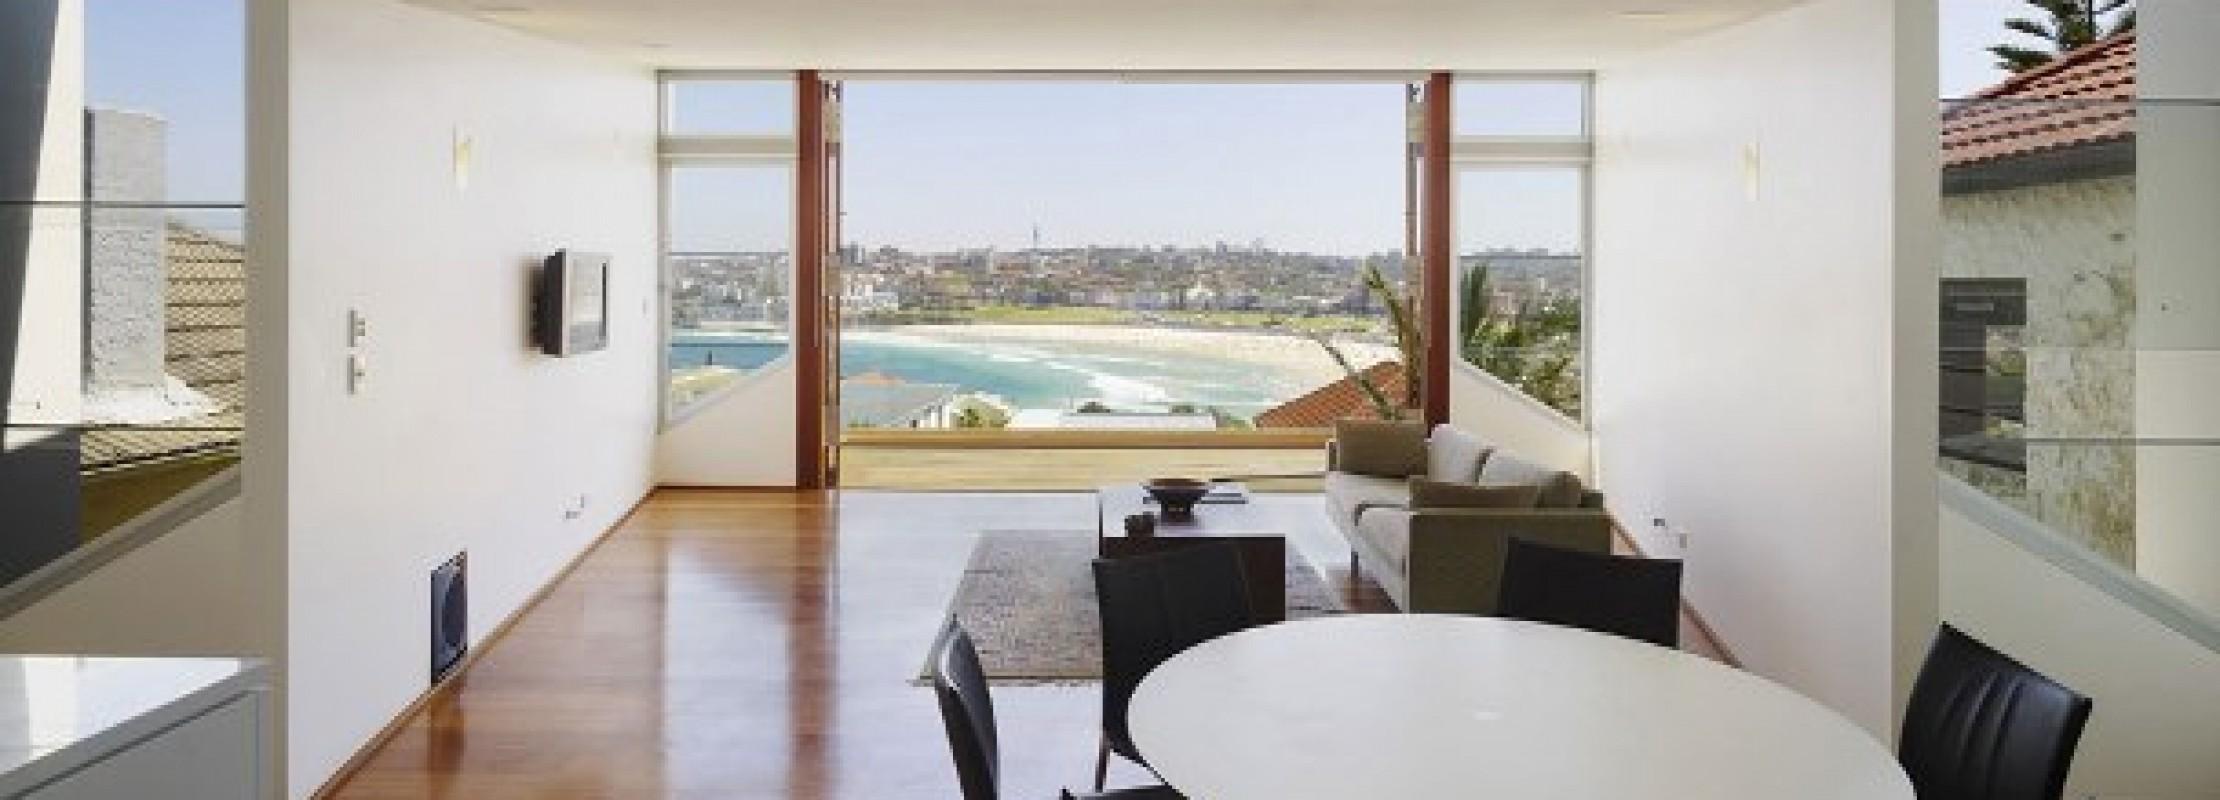 Stile Moderno Idee Per Arredare E Ristrutturare Casa Blog Edilnet